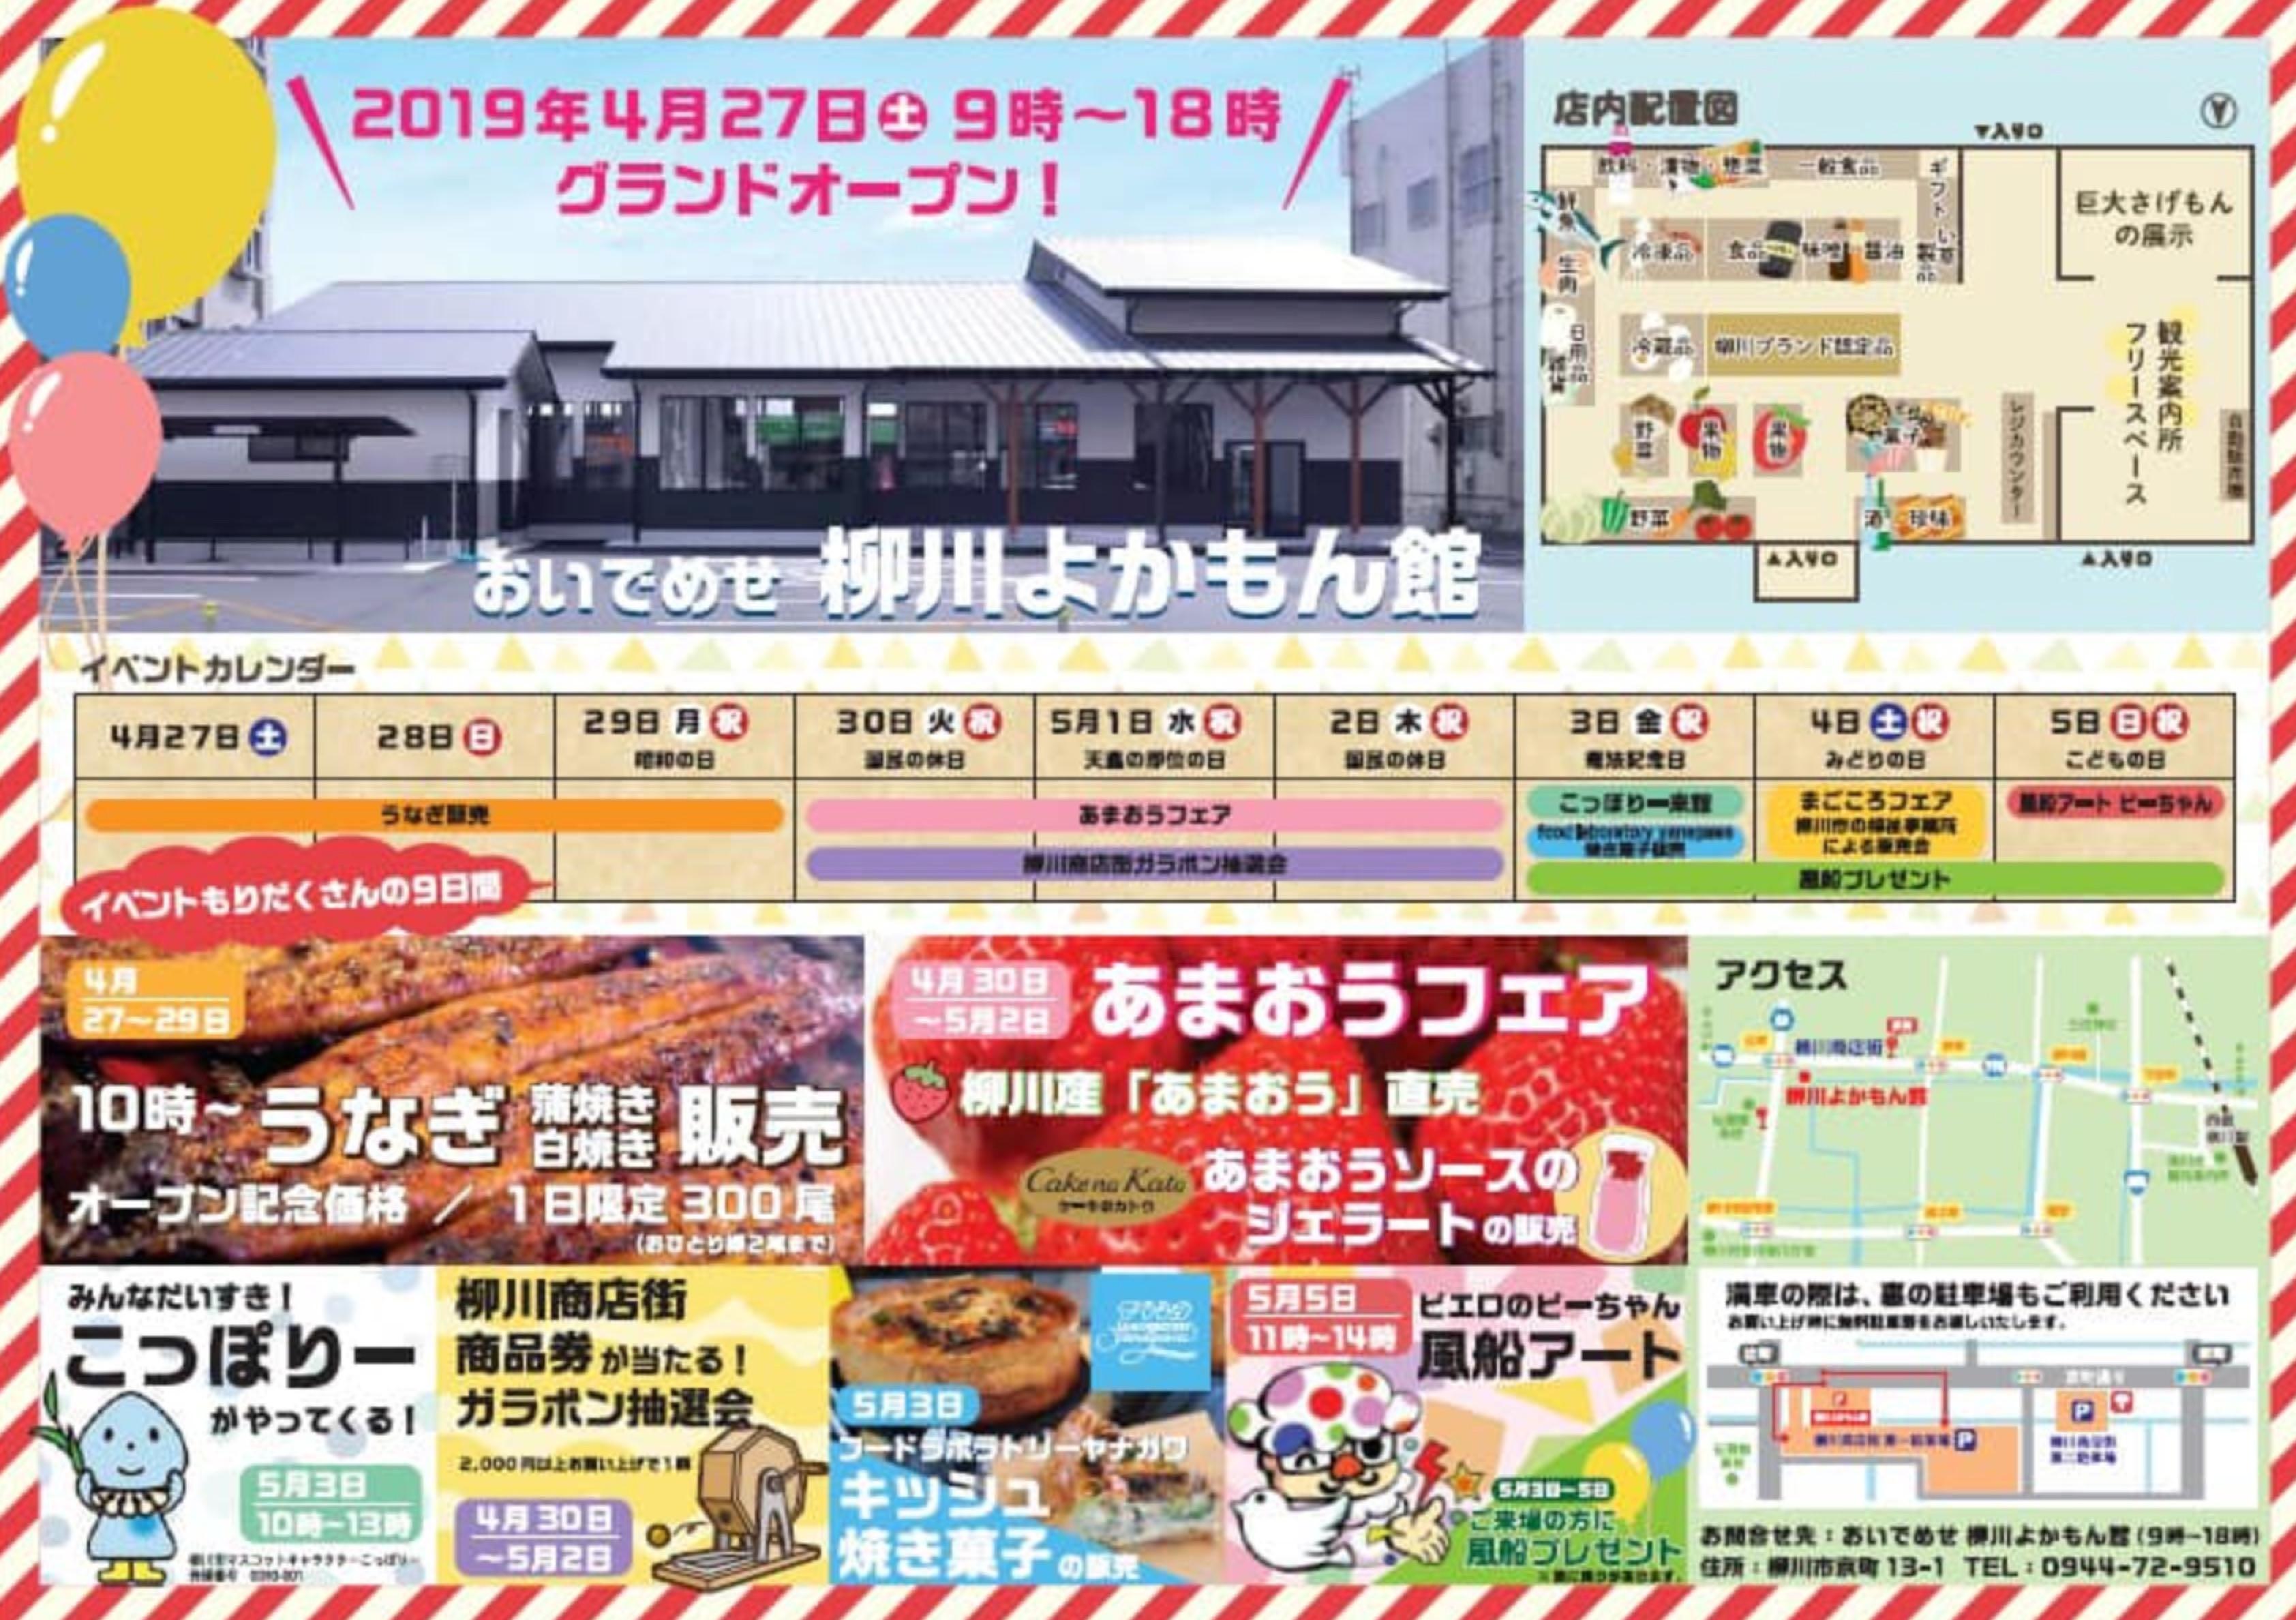 柳川よかもん館 4月27日オープン